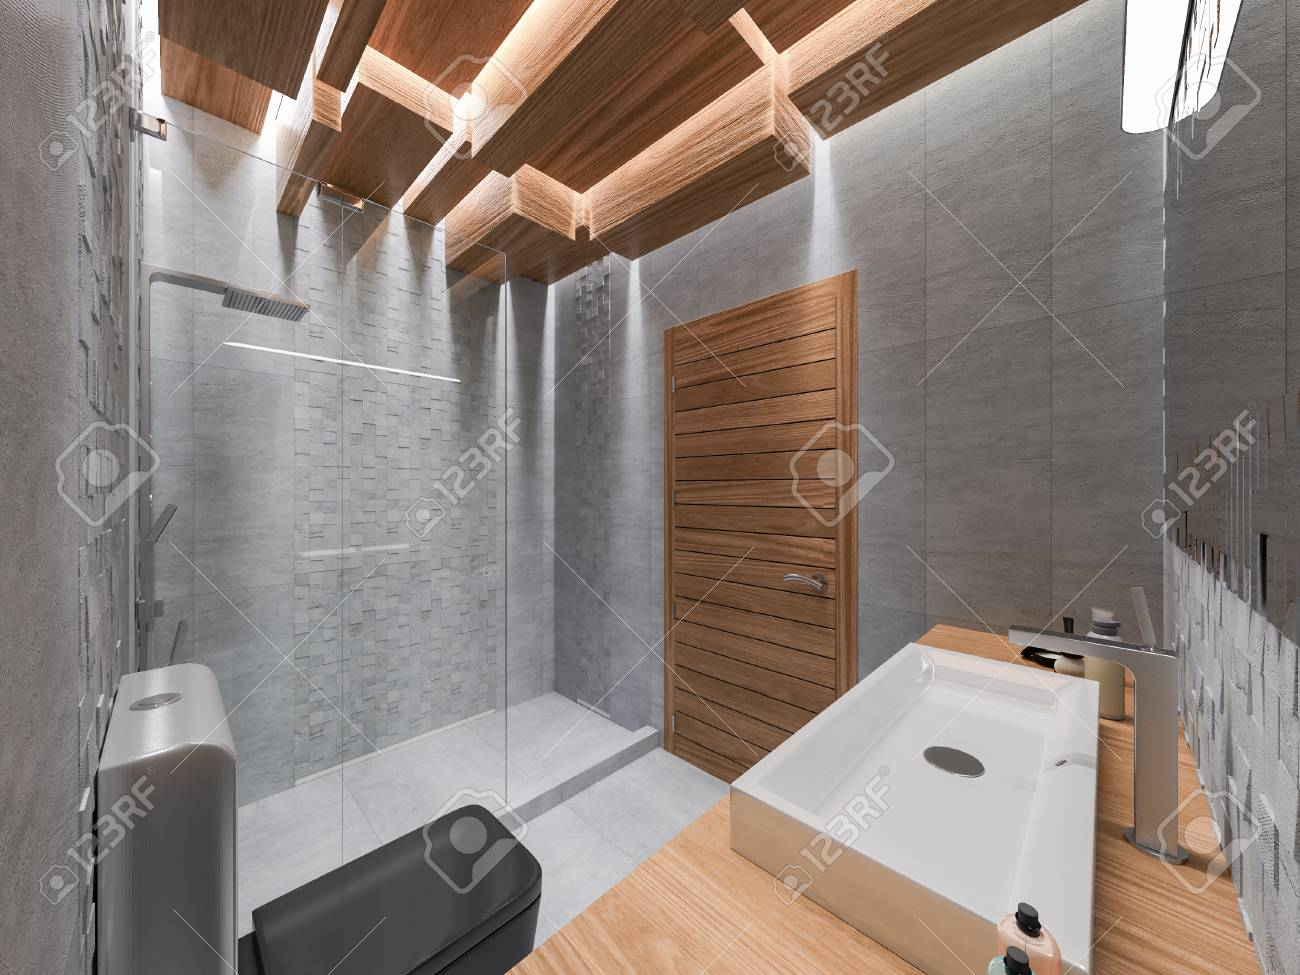 Immagini stock d rendering di un bagno in una pietra grigia e